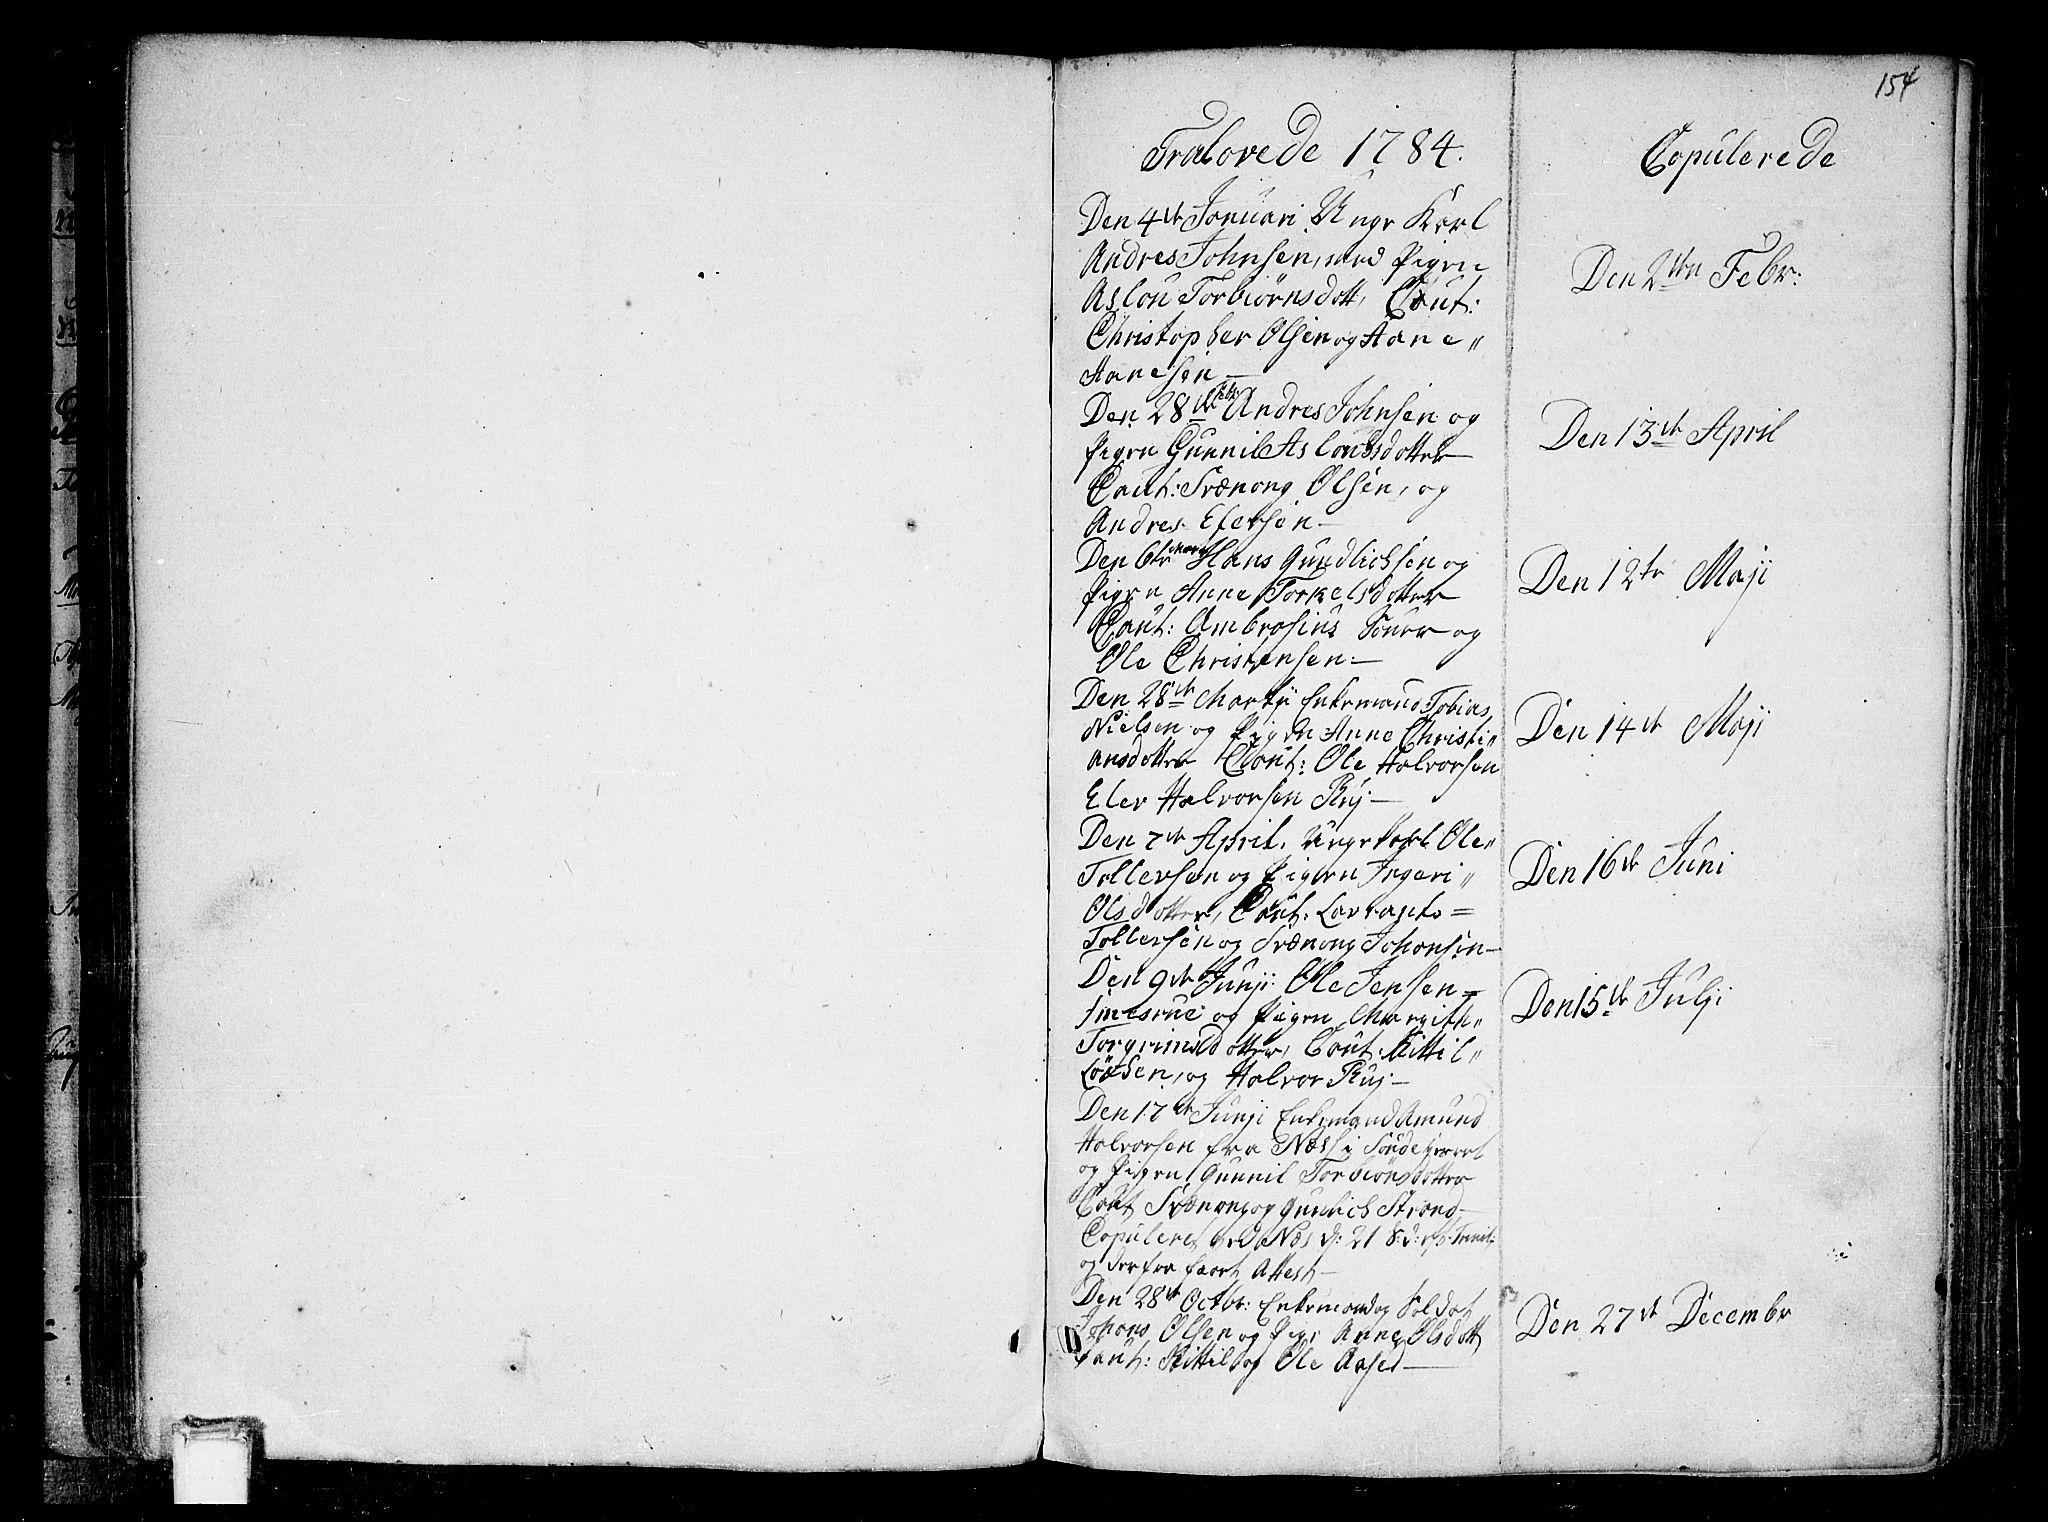 SAKO, Heddal kirkebøker, F/Fa/L0004: Ministerialbok nr. I 4, 1784-1814, s. 154